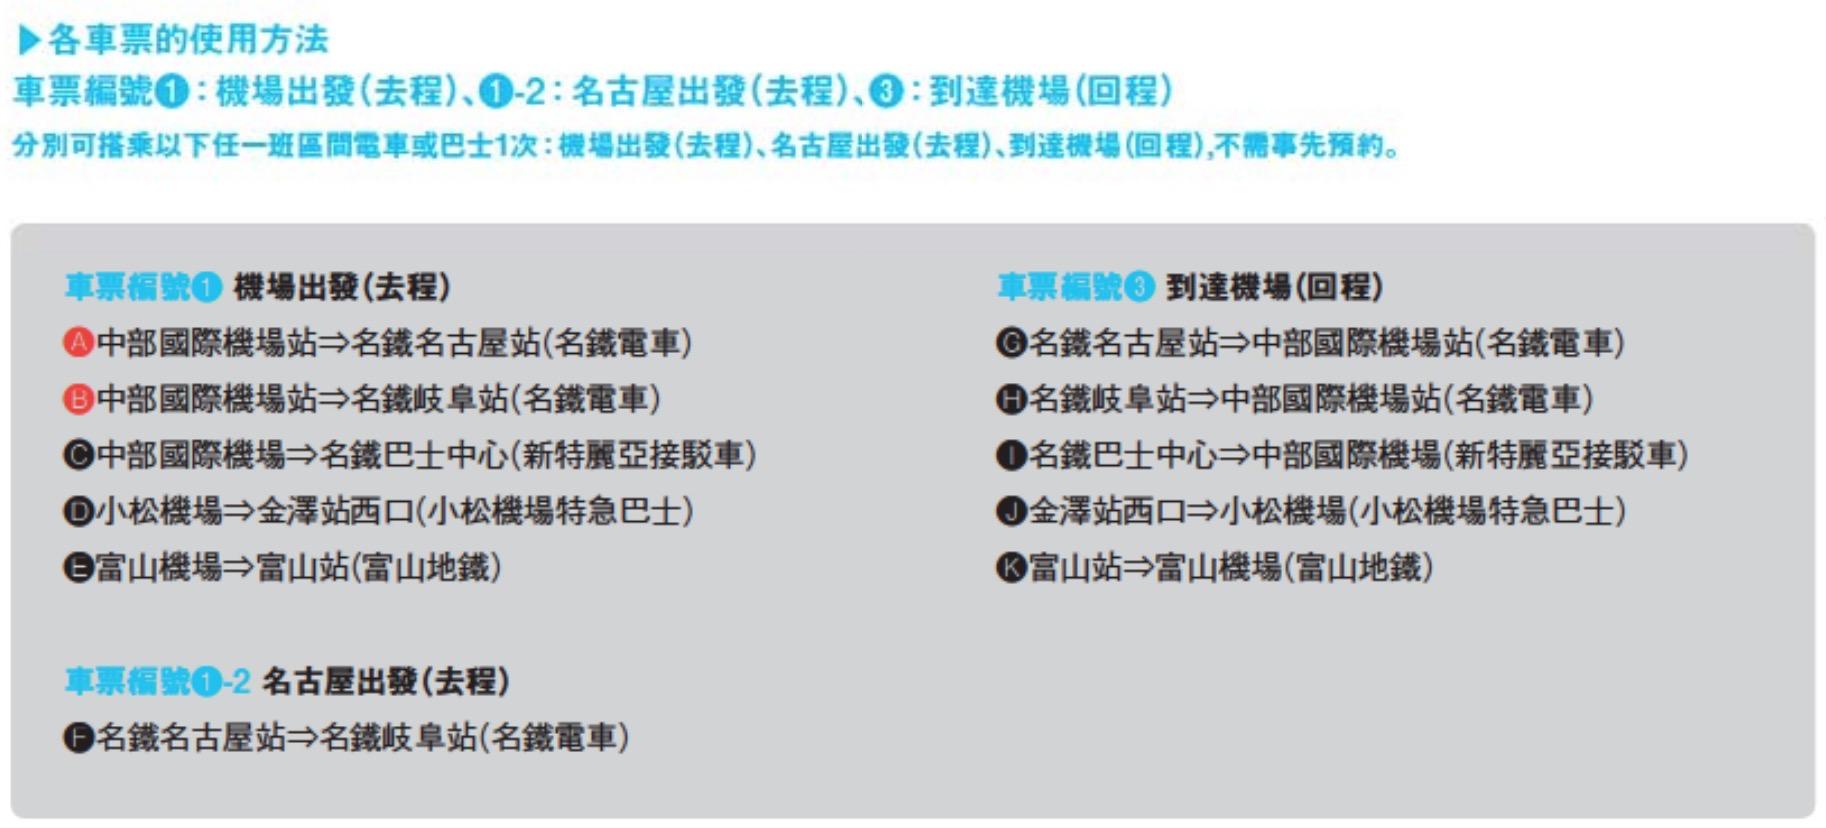 昇龍道高速巴士票卷1